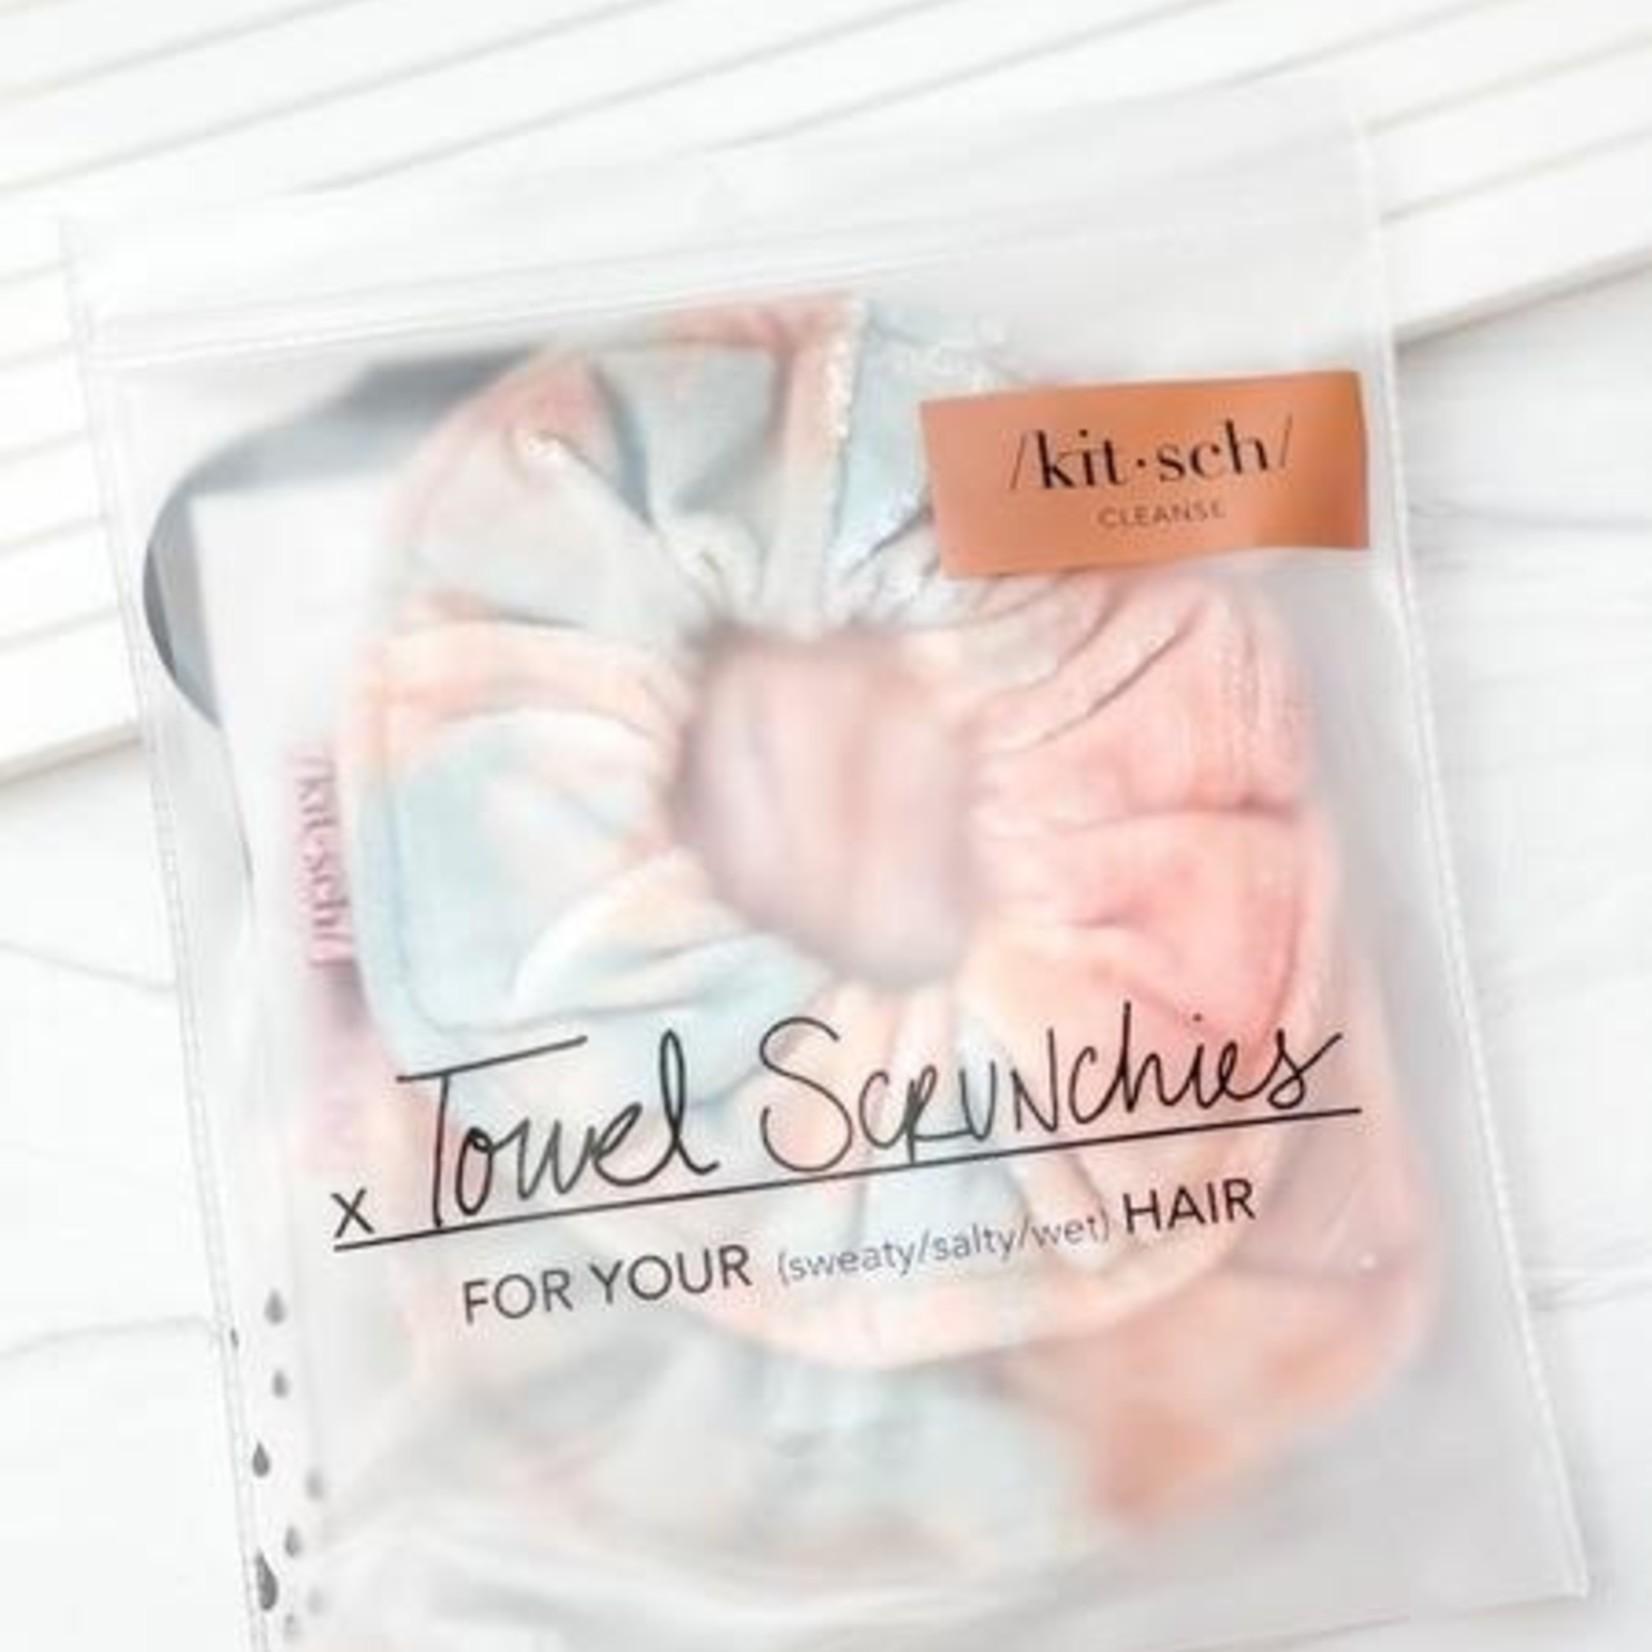 /KIT•SCH/ Microfiber Towel Scrunchies - Sunset Tie Dye